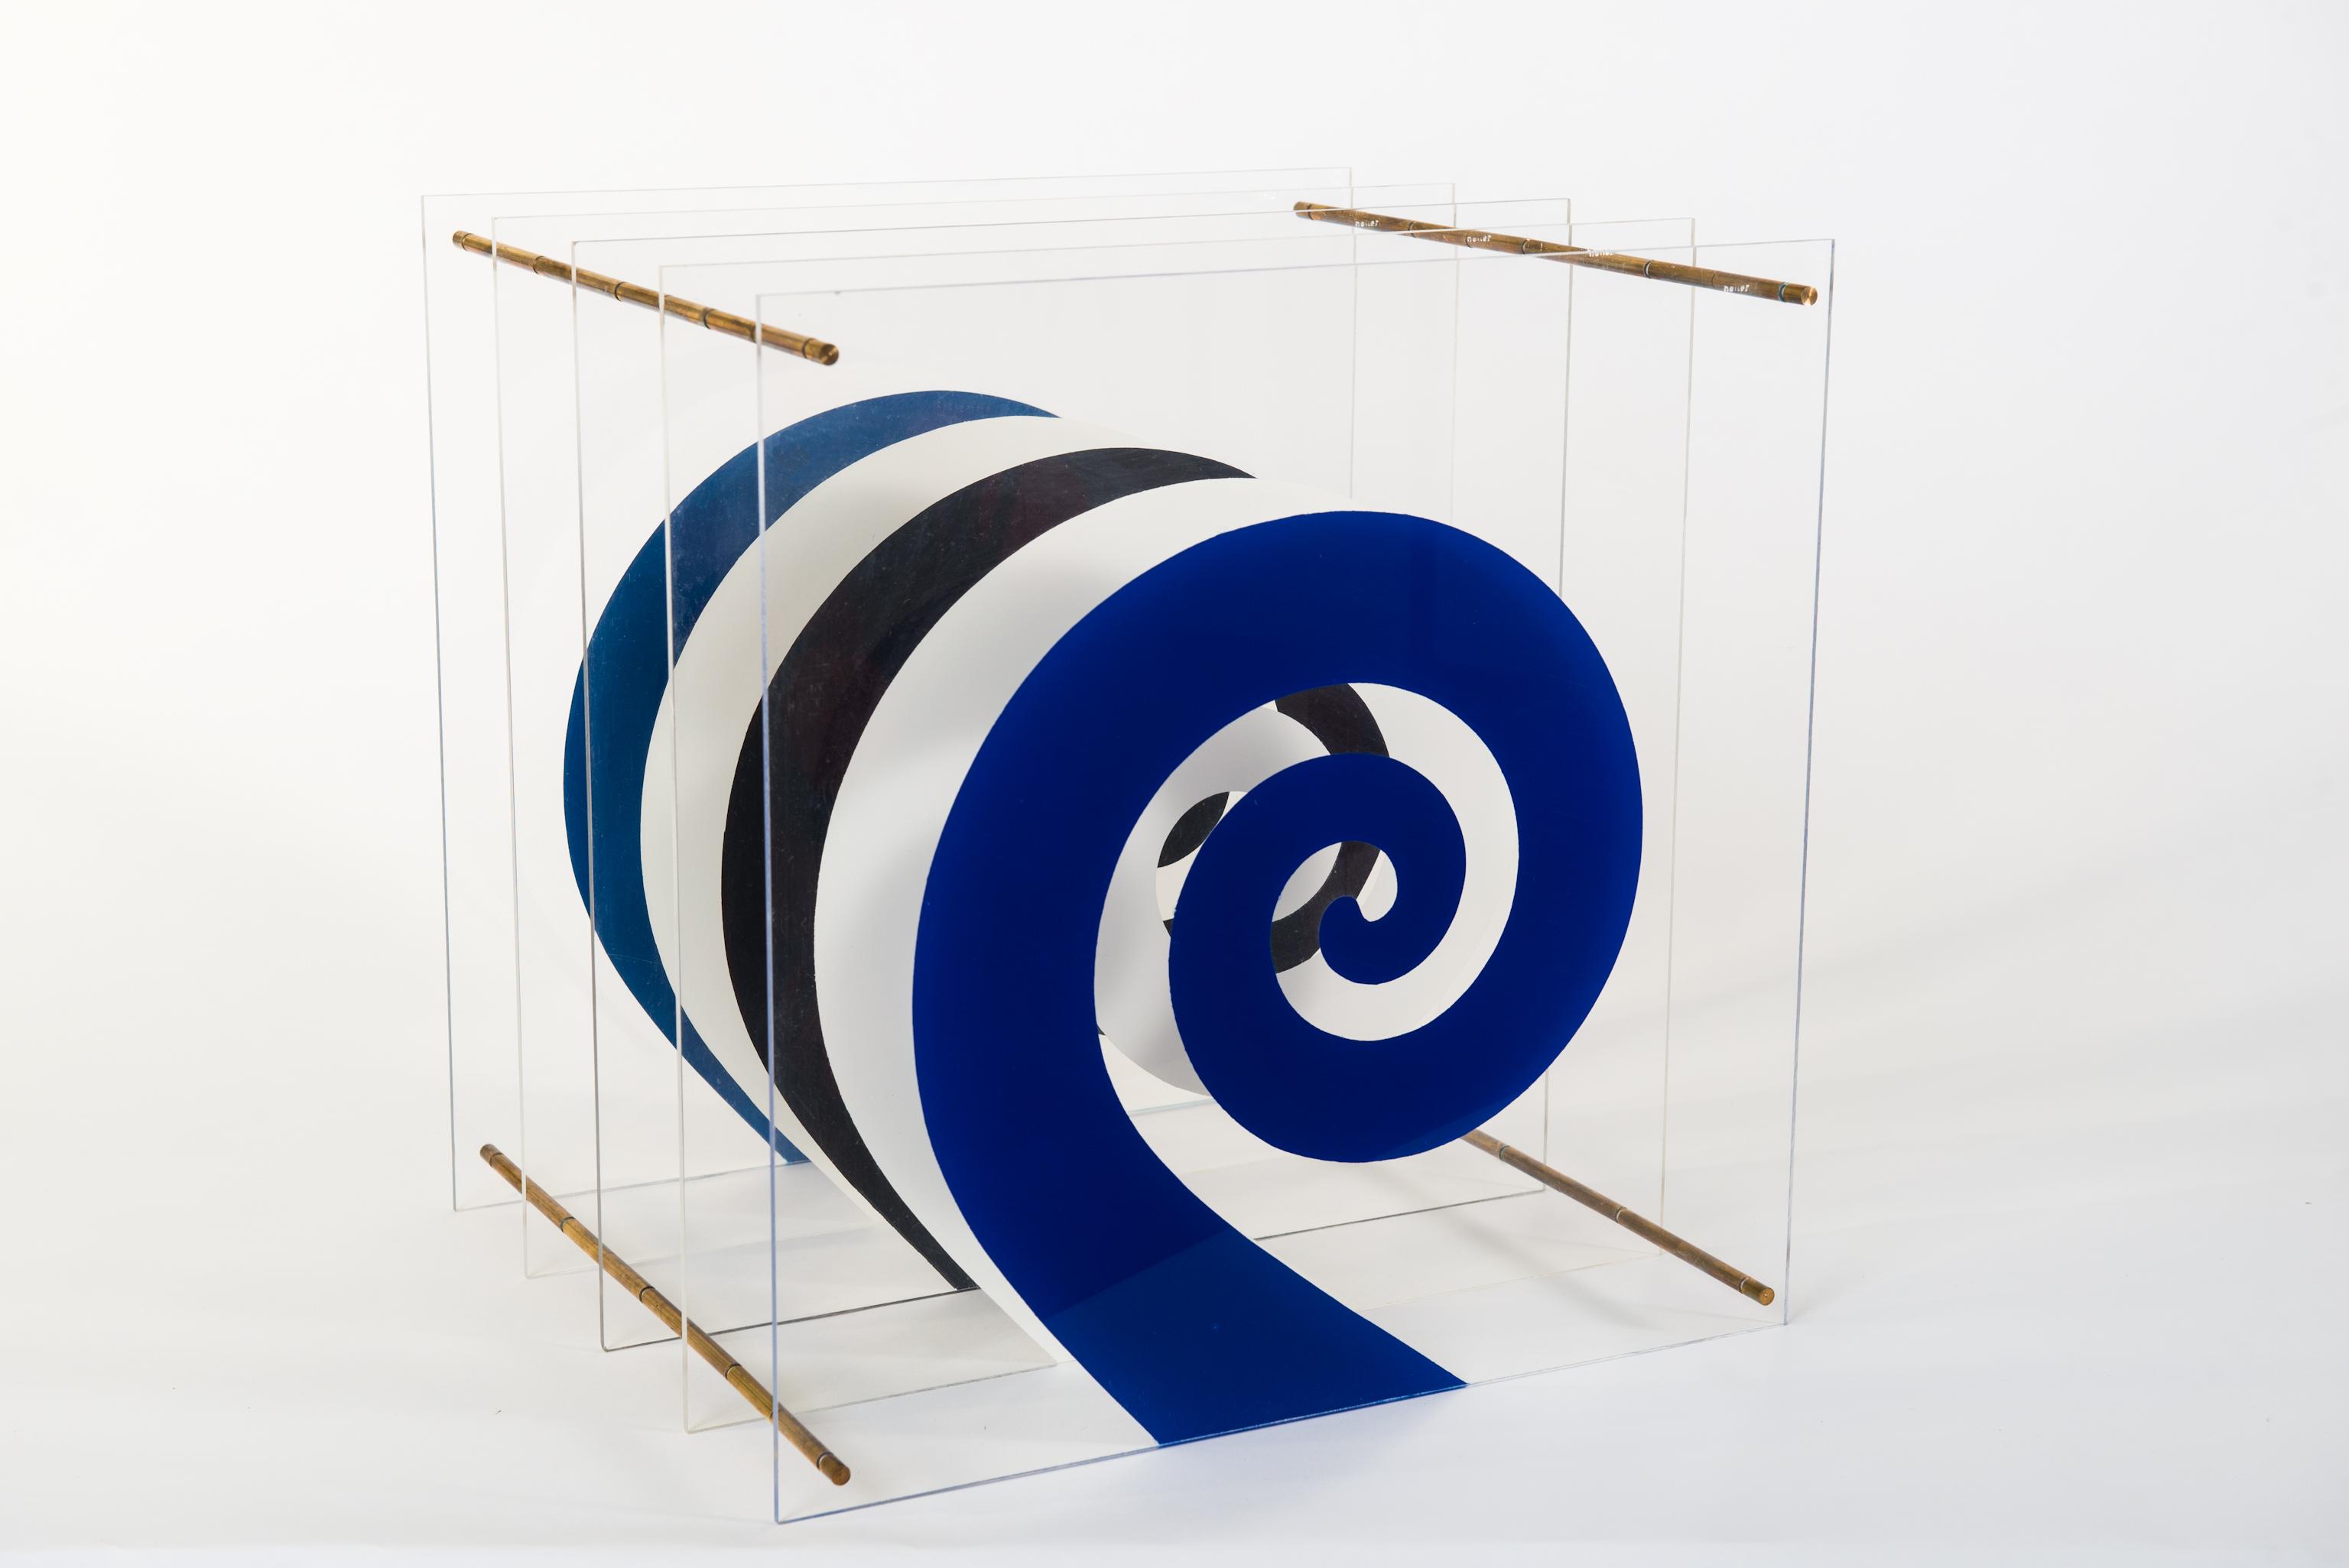 Raumobjekt | Sprühfarbe auf Acrylglas, 40 x 40 x 34 cm, 1969